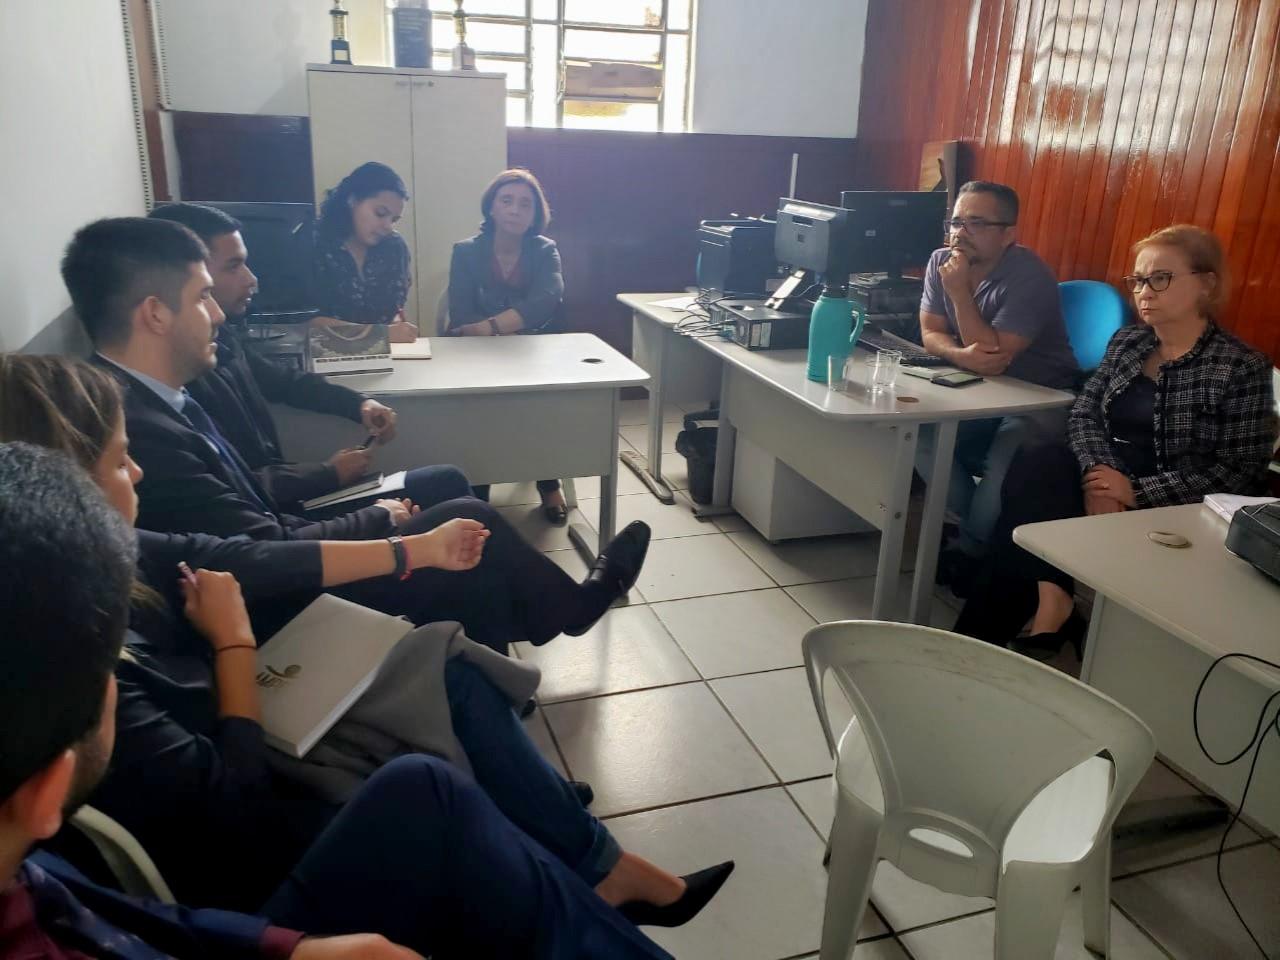 Comissões da OAB-PB se reúnem com direção de presídio da Capital e discutem projetos na ala LGBT da unidade